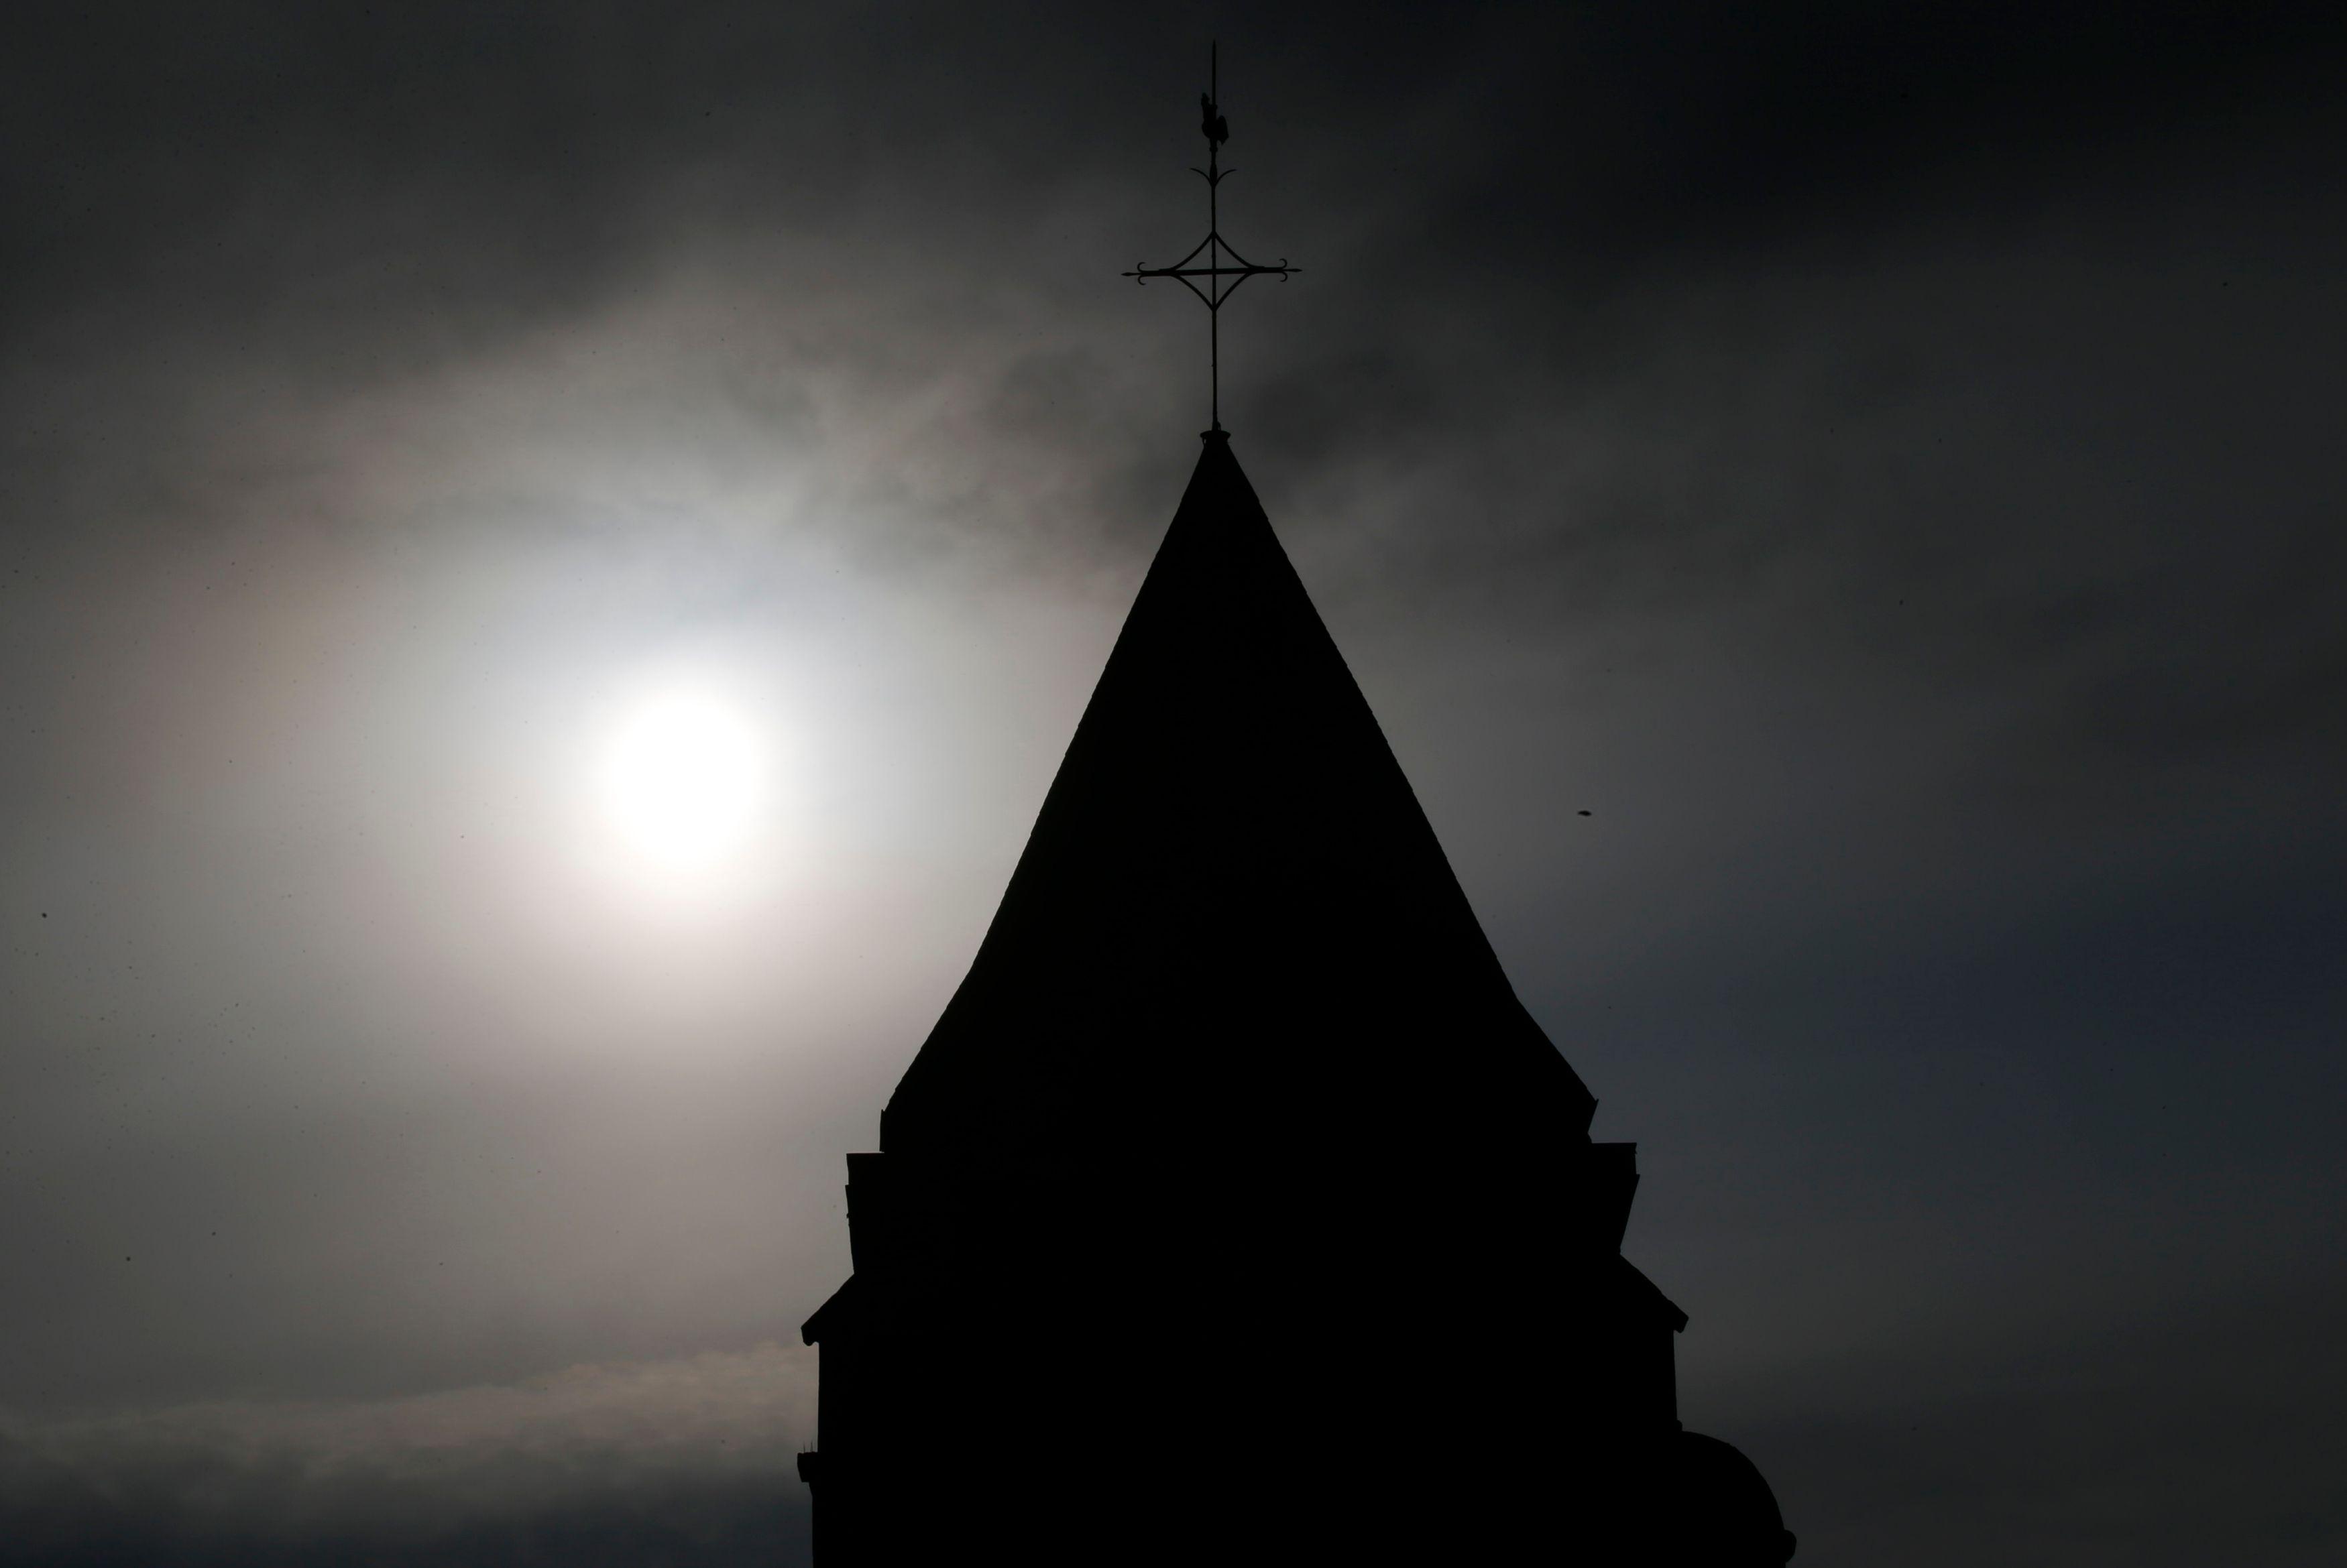 L'Eglise catholique a-t-elle des raisons d'avoir peur de son histoire ?